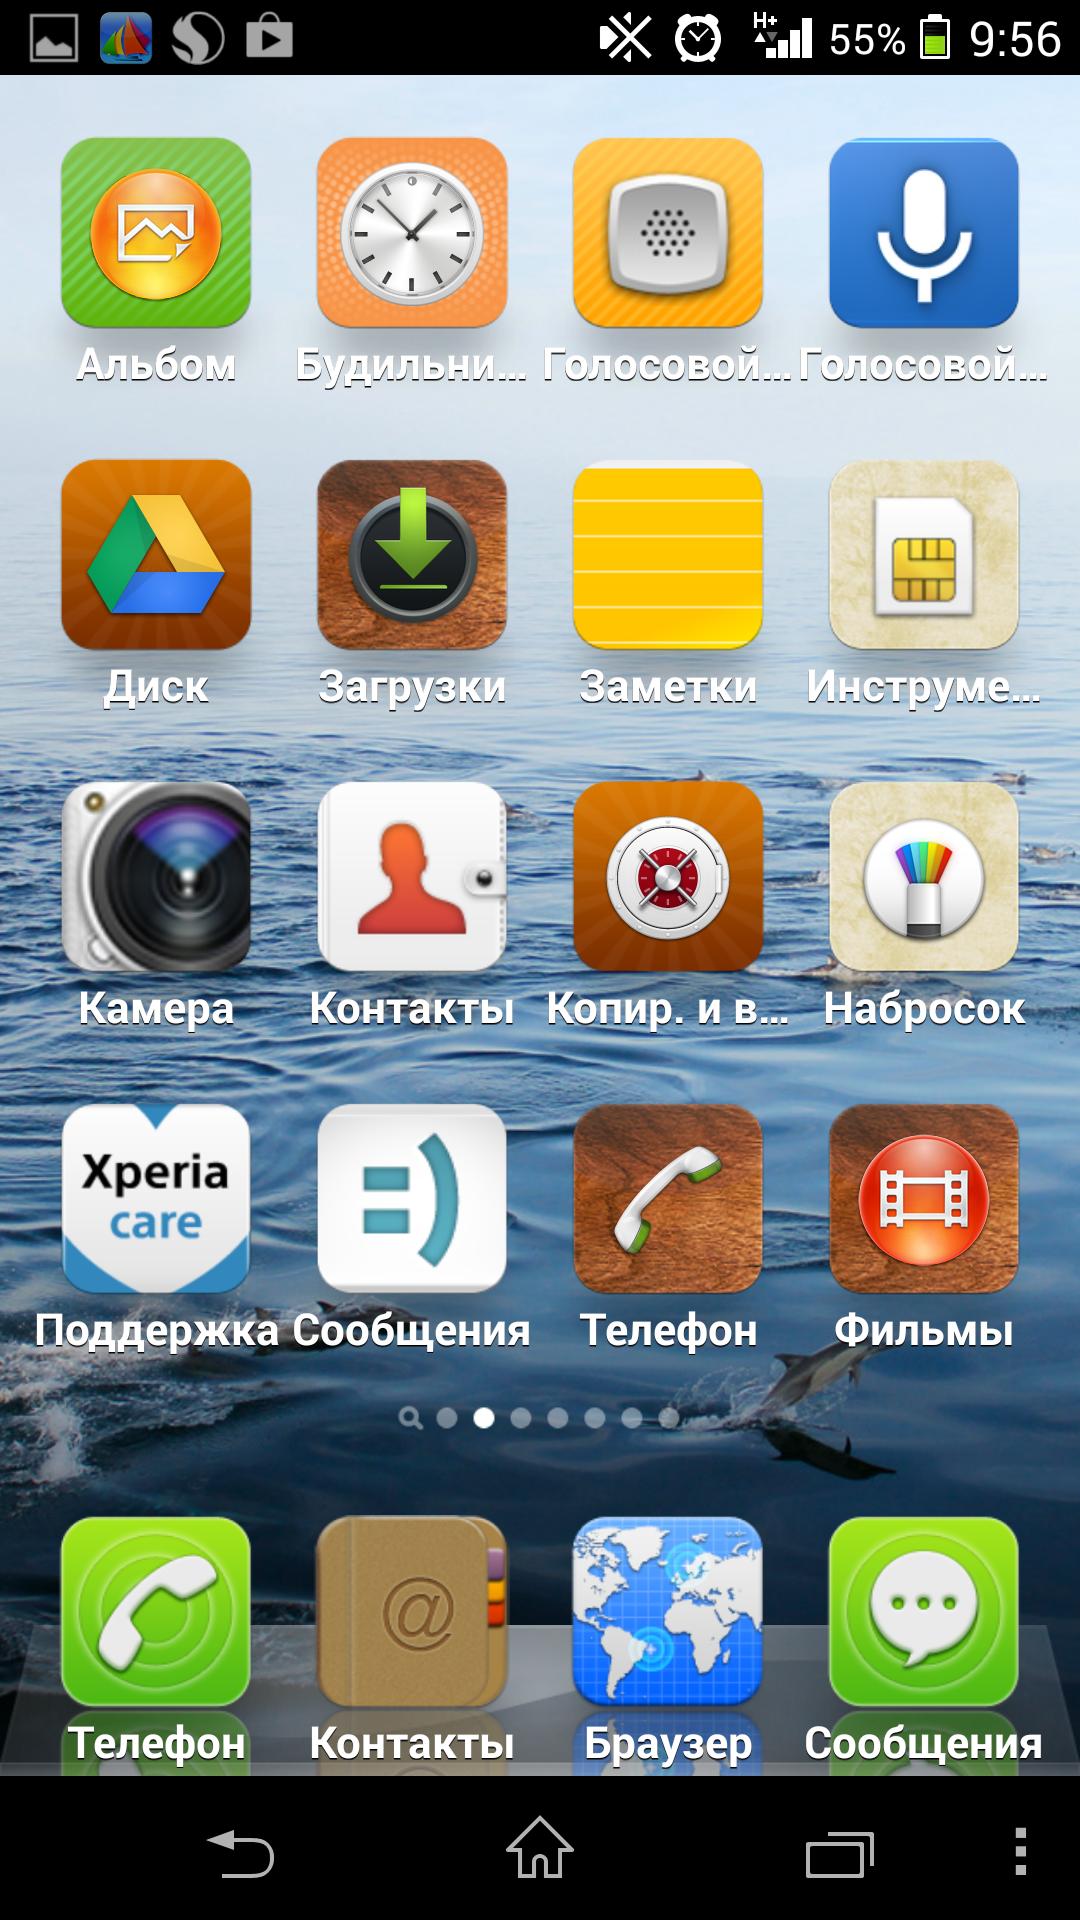 Приложение для андроида своими руками 96